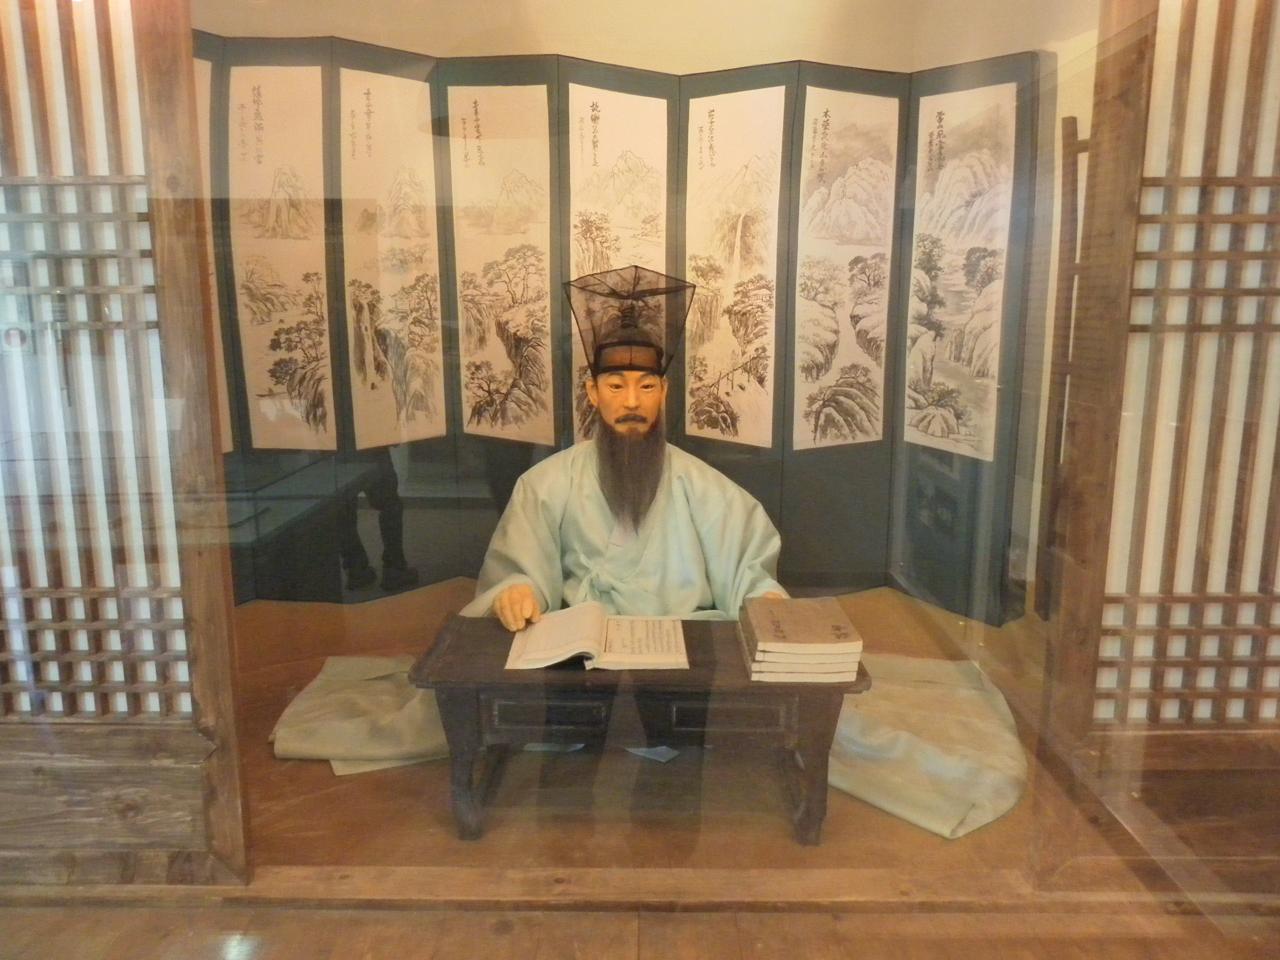 선비의 모습. 경기도 남양주시 조안면의 다산(정약용) 유적지에서 찍은 사진.